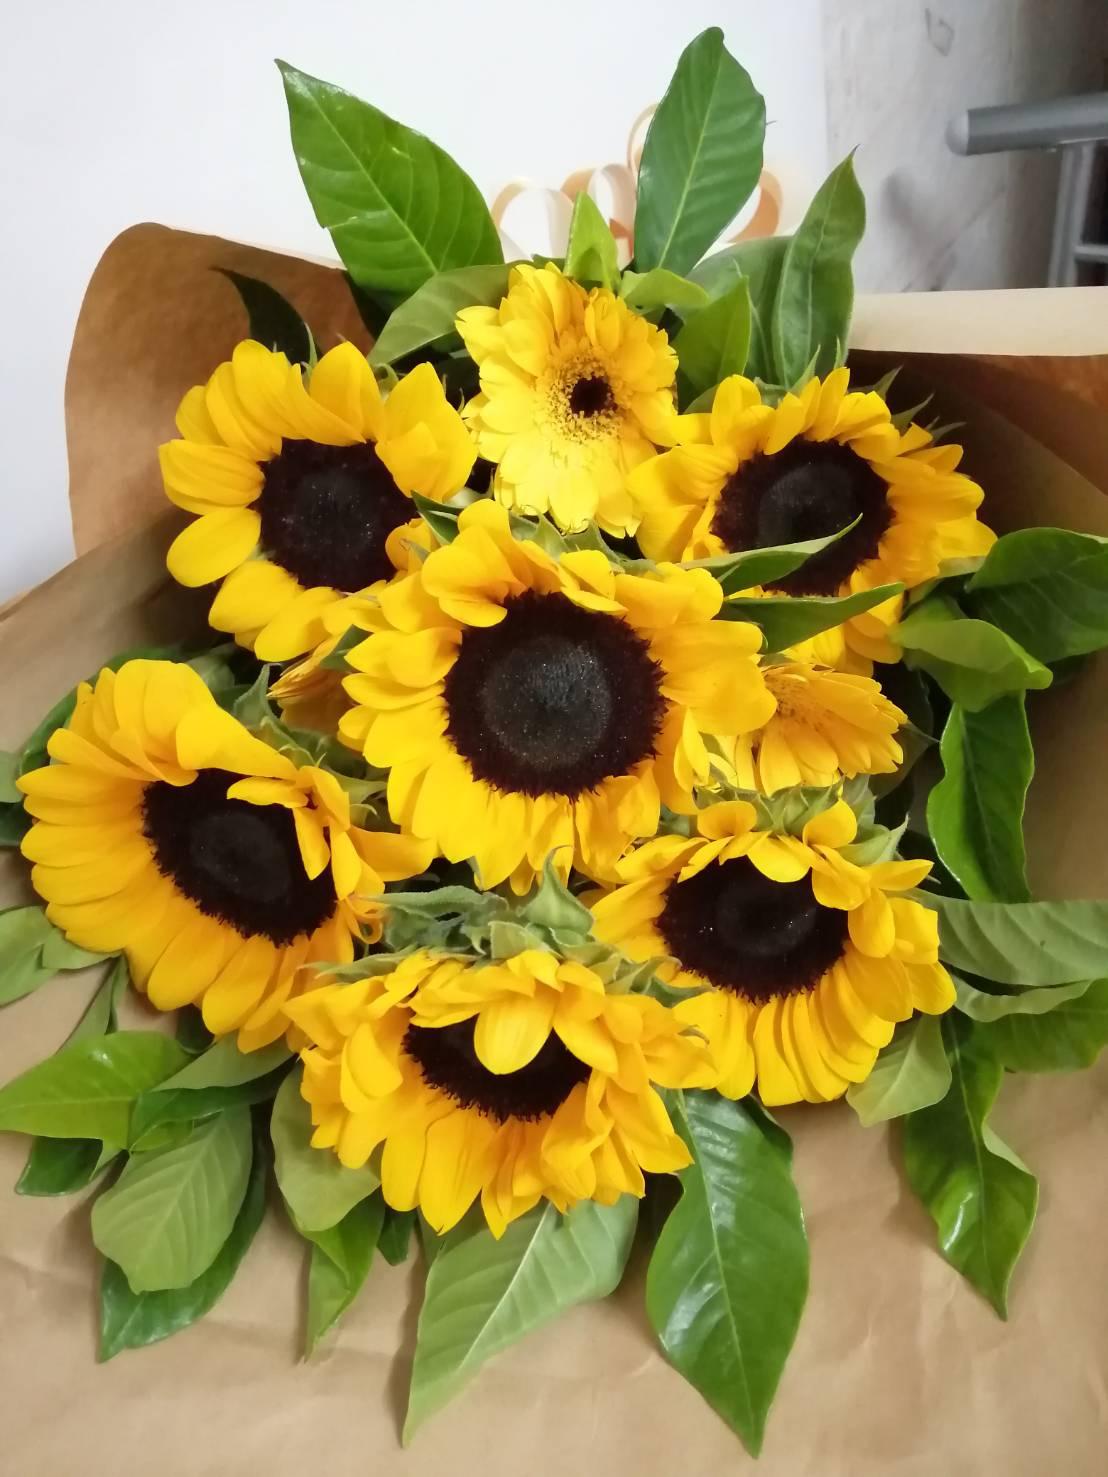 ช่อดอกทานตะวัน ช่อดอกไม้แห่งความหวังและสร้างกำลังใจในชีวิต